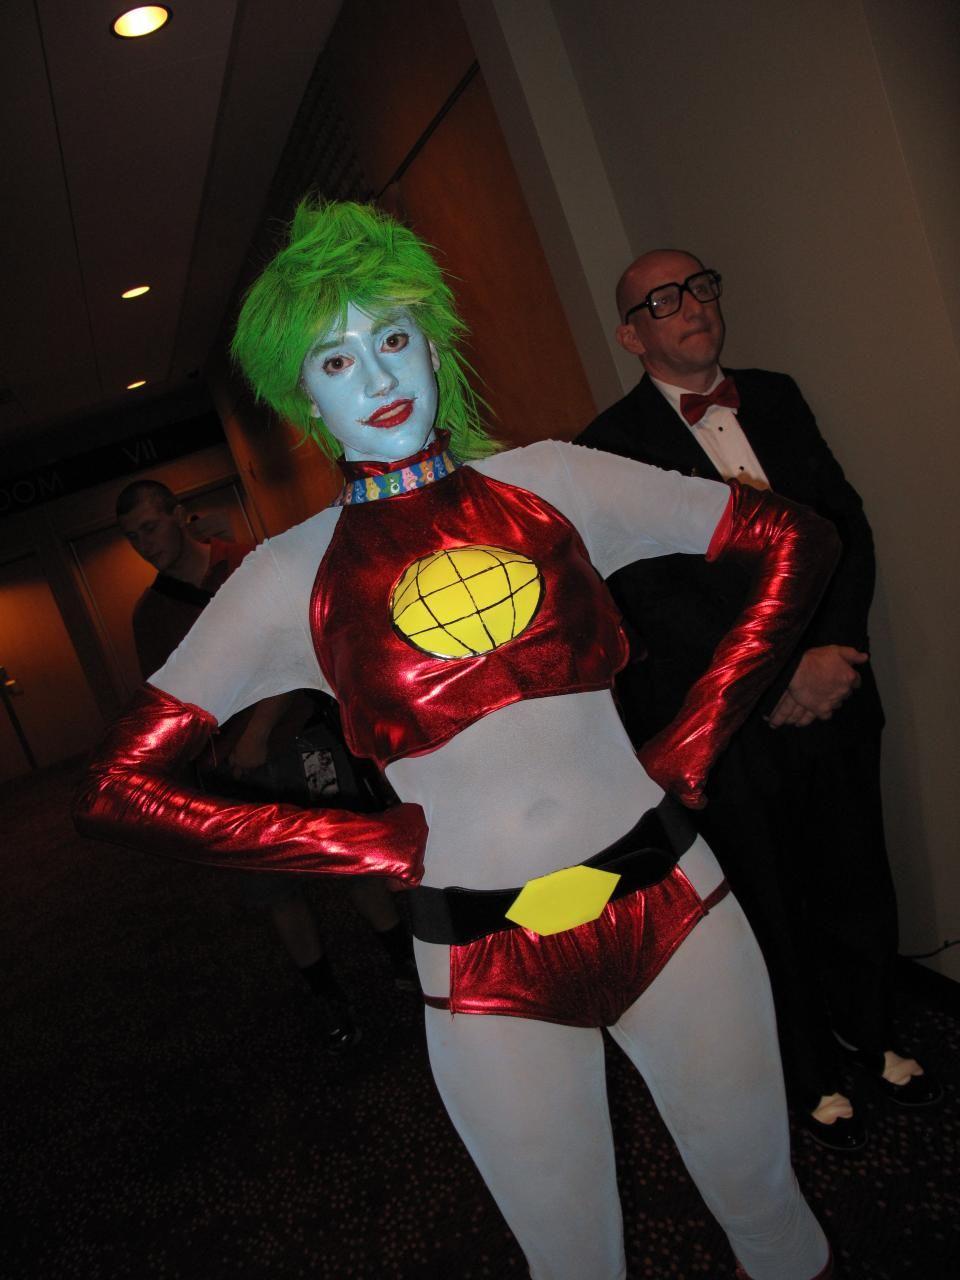 pincrystal macgregor on cosplay ideas: captain planet